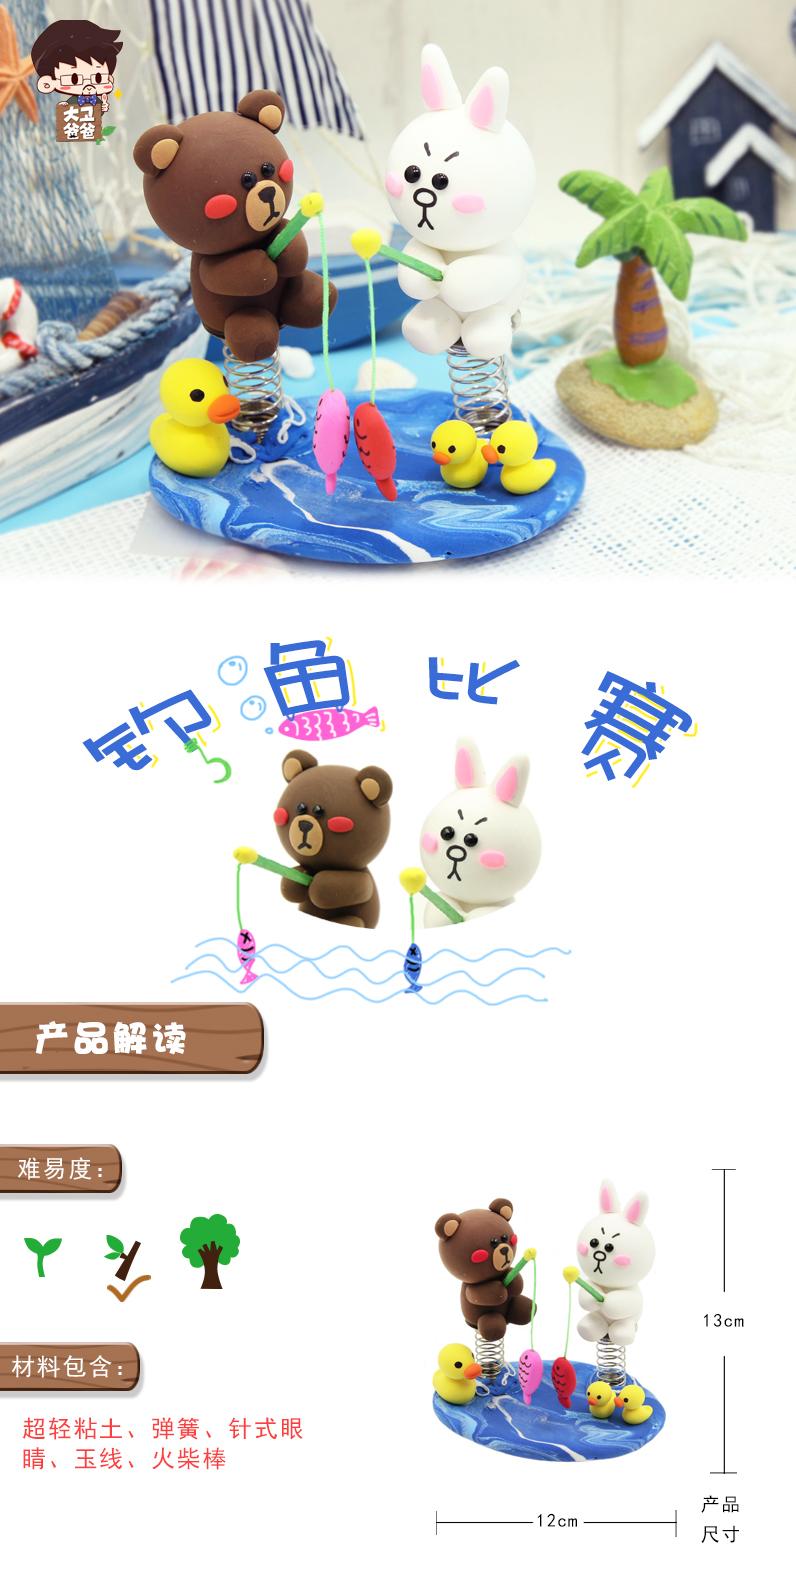 超轻粘土钓鱼比赛摇摇乐车摆儿童手工diy制作材料包